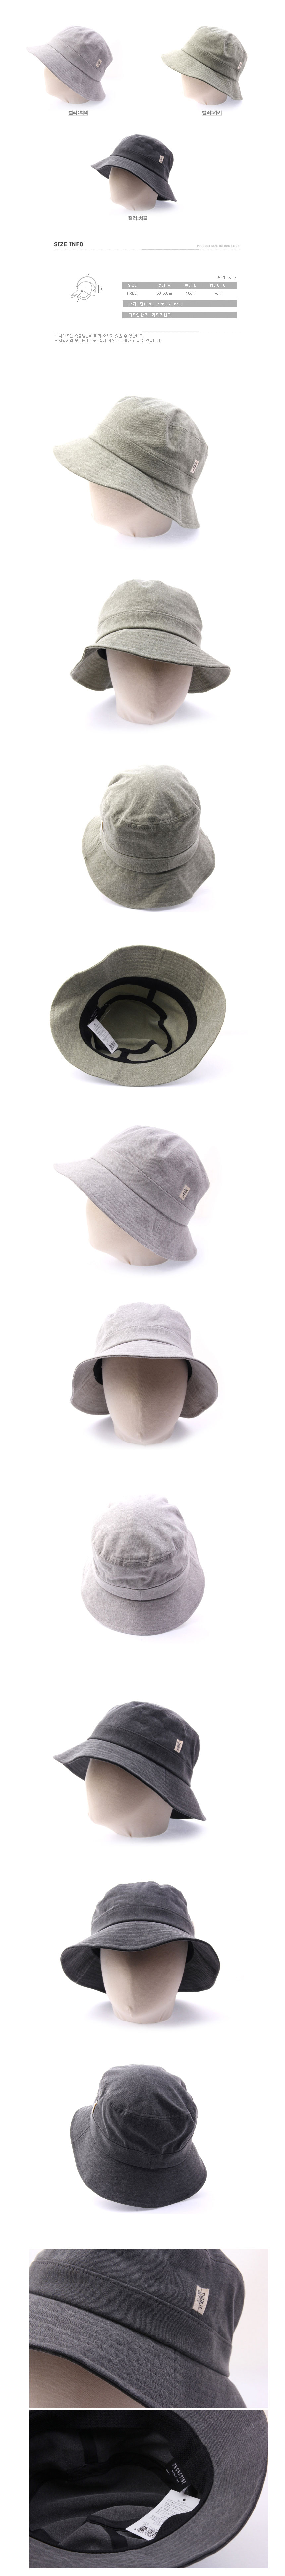 패션 베이직 벙거지모자CH1484680 - 익스트리모, 23,920원, 모자, 버킷햇